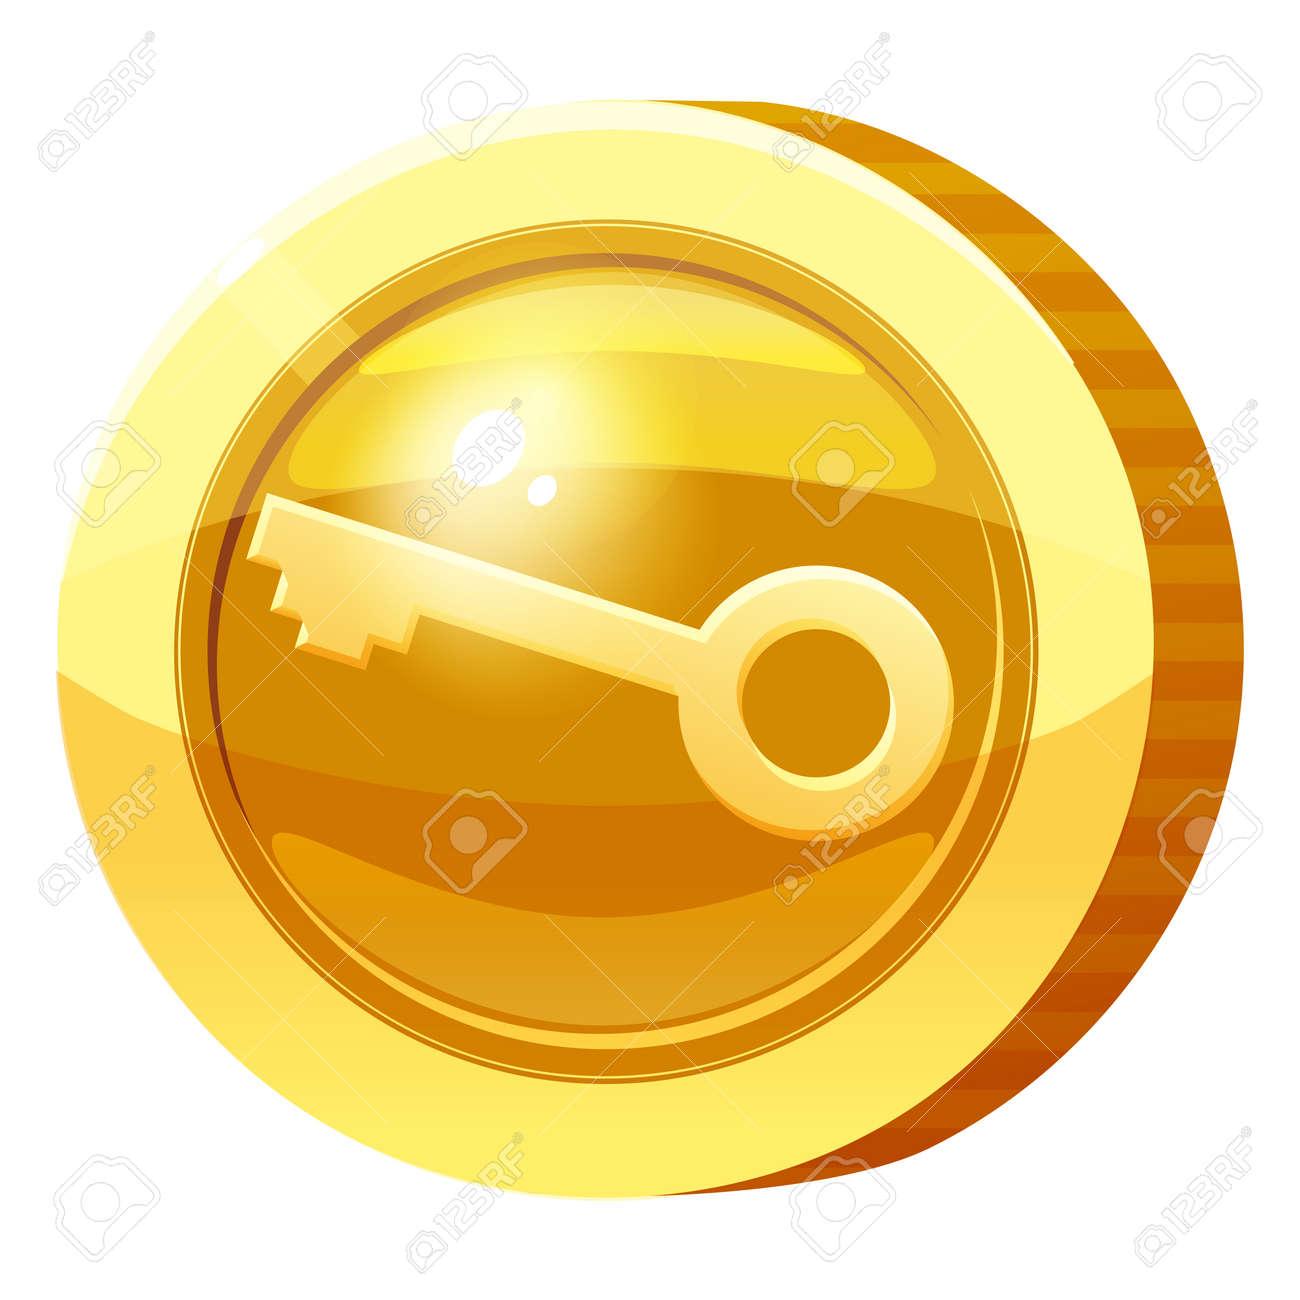 Gold Medal Coin Key symbol. Golden token for games, user interface asset element. Vector illustration - 171350241